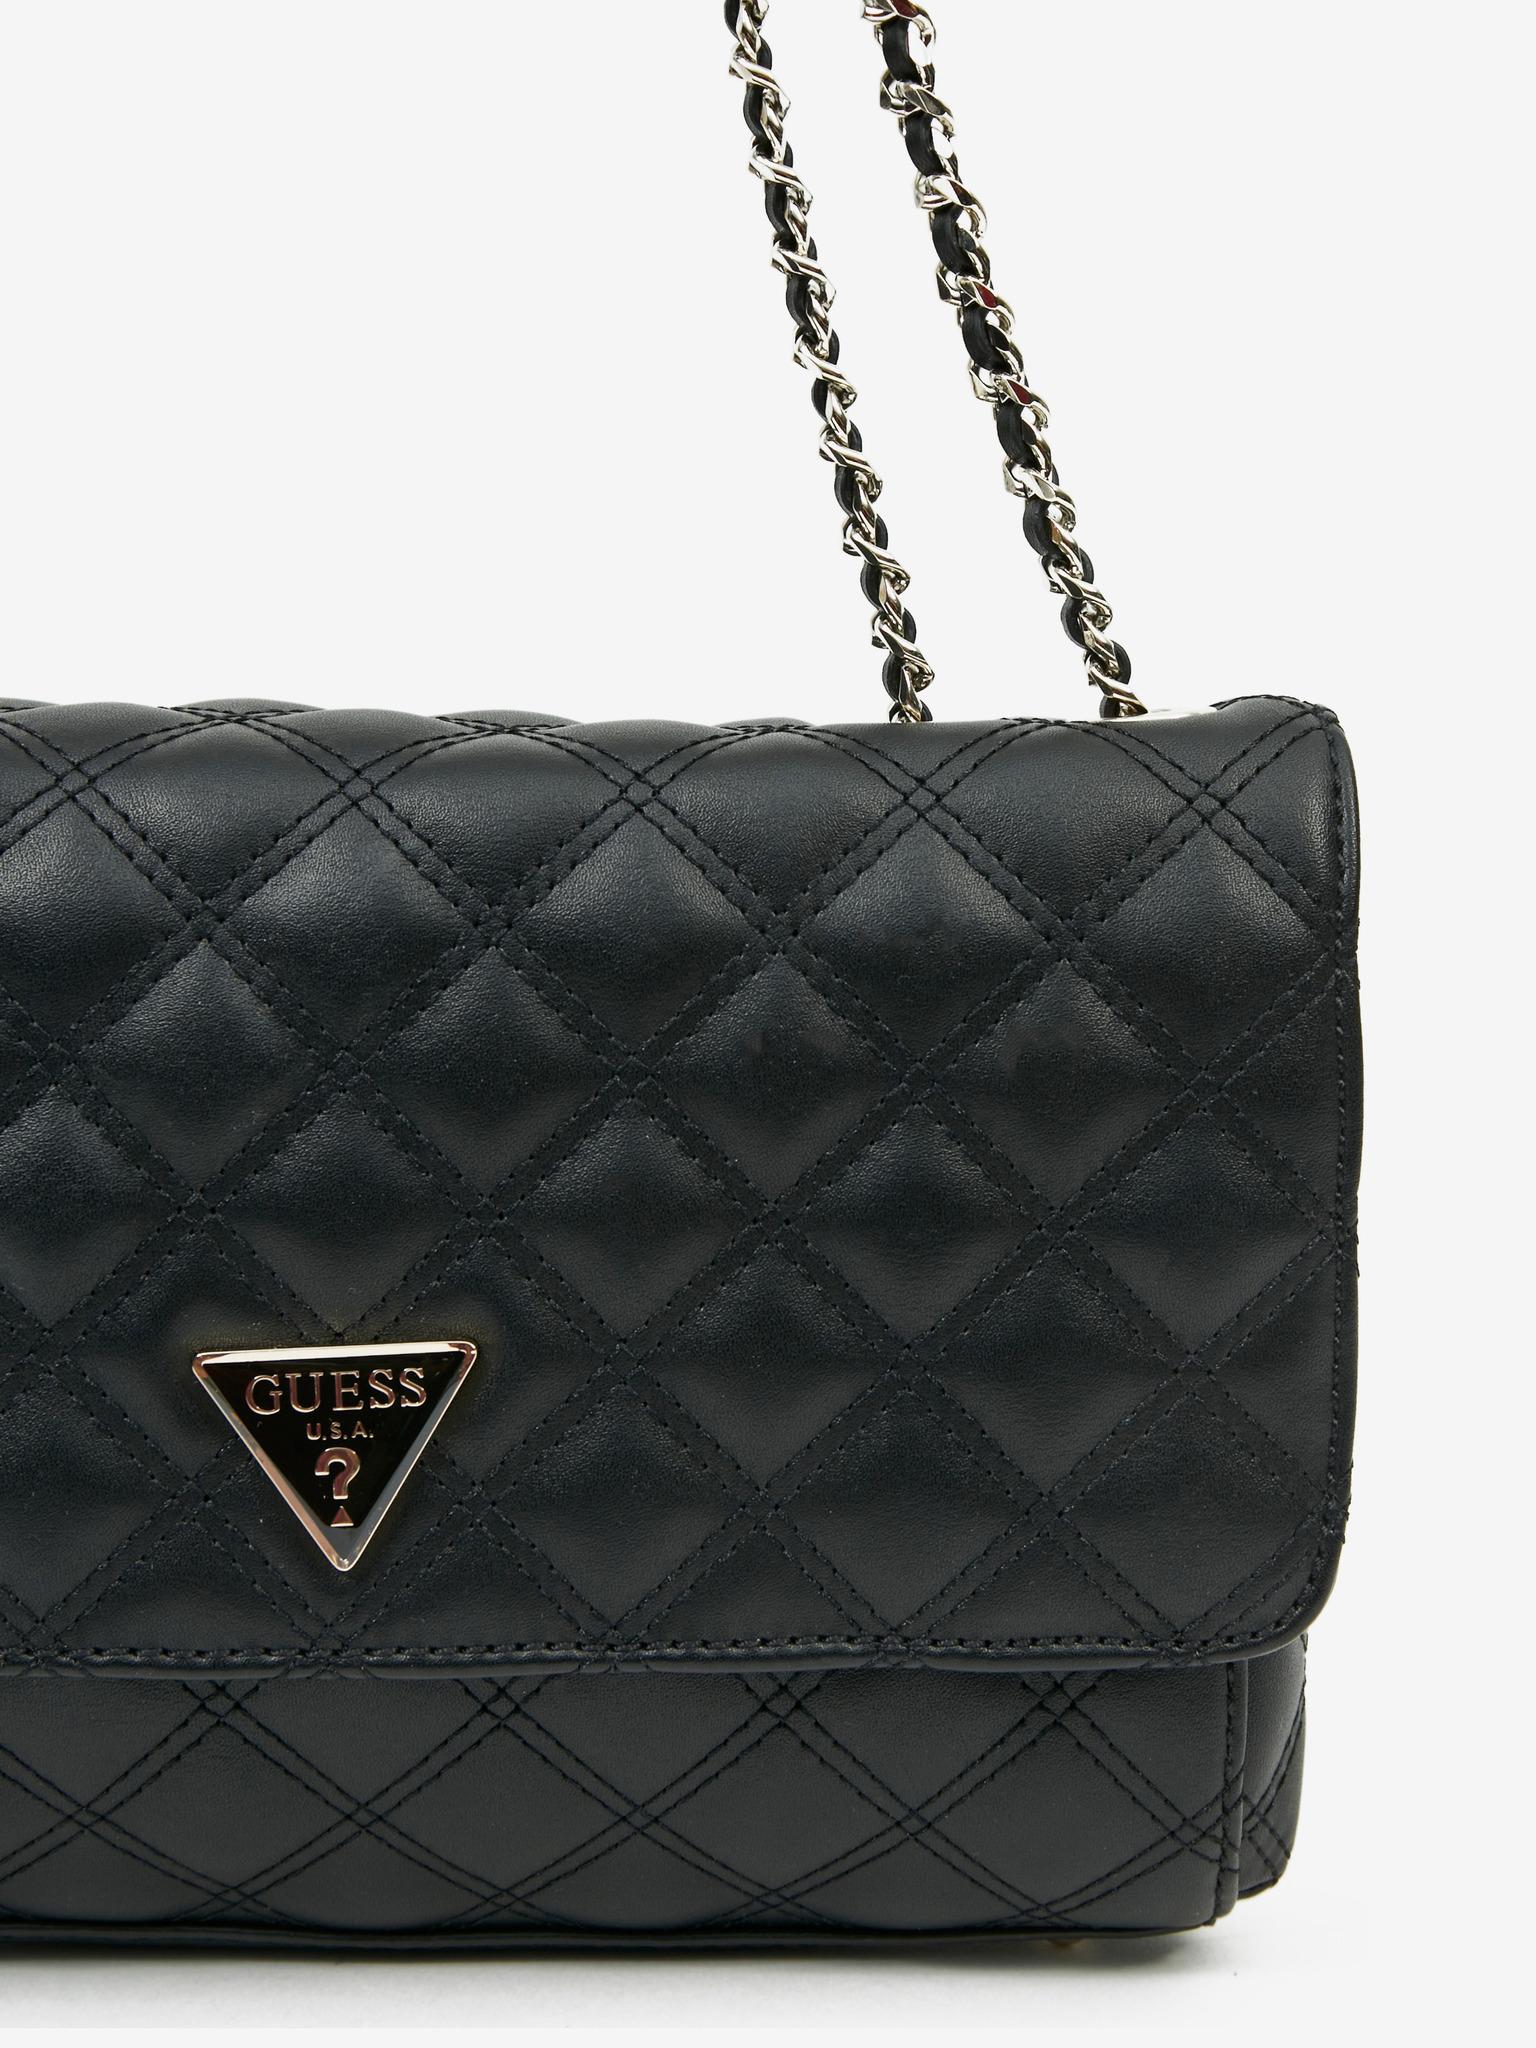 Guess black crossbody handbag Cessily